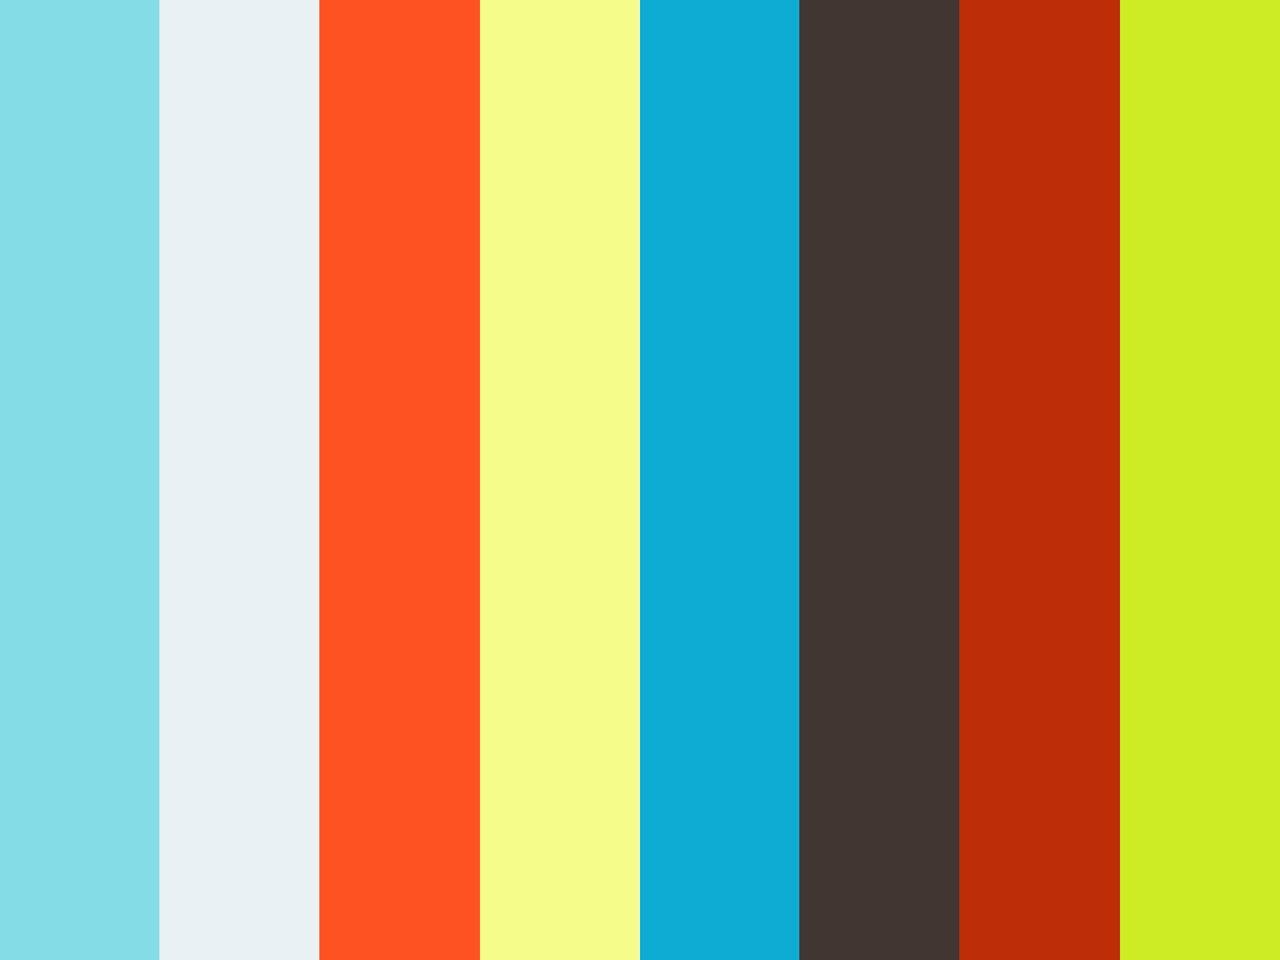 Test 026: klin - vlačno opterećenje klina koji nije zabijen do kraja